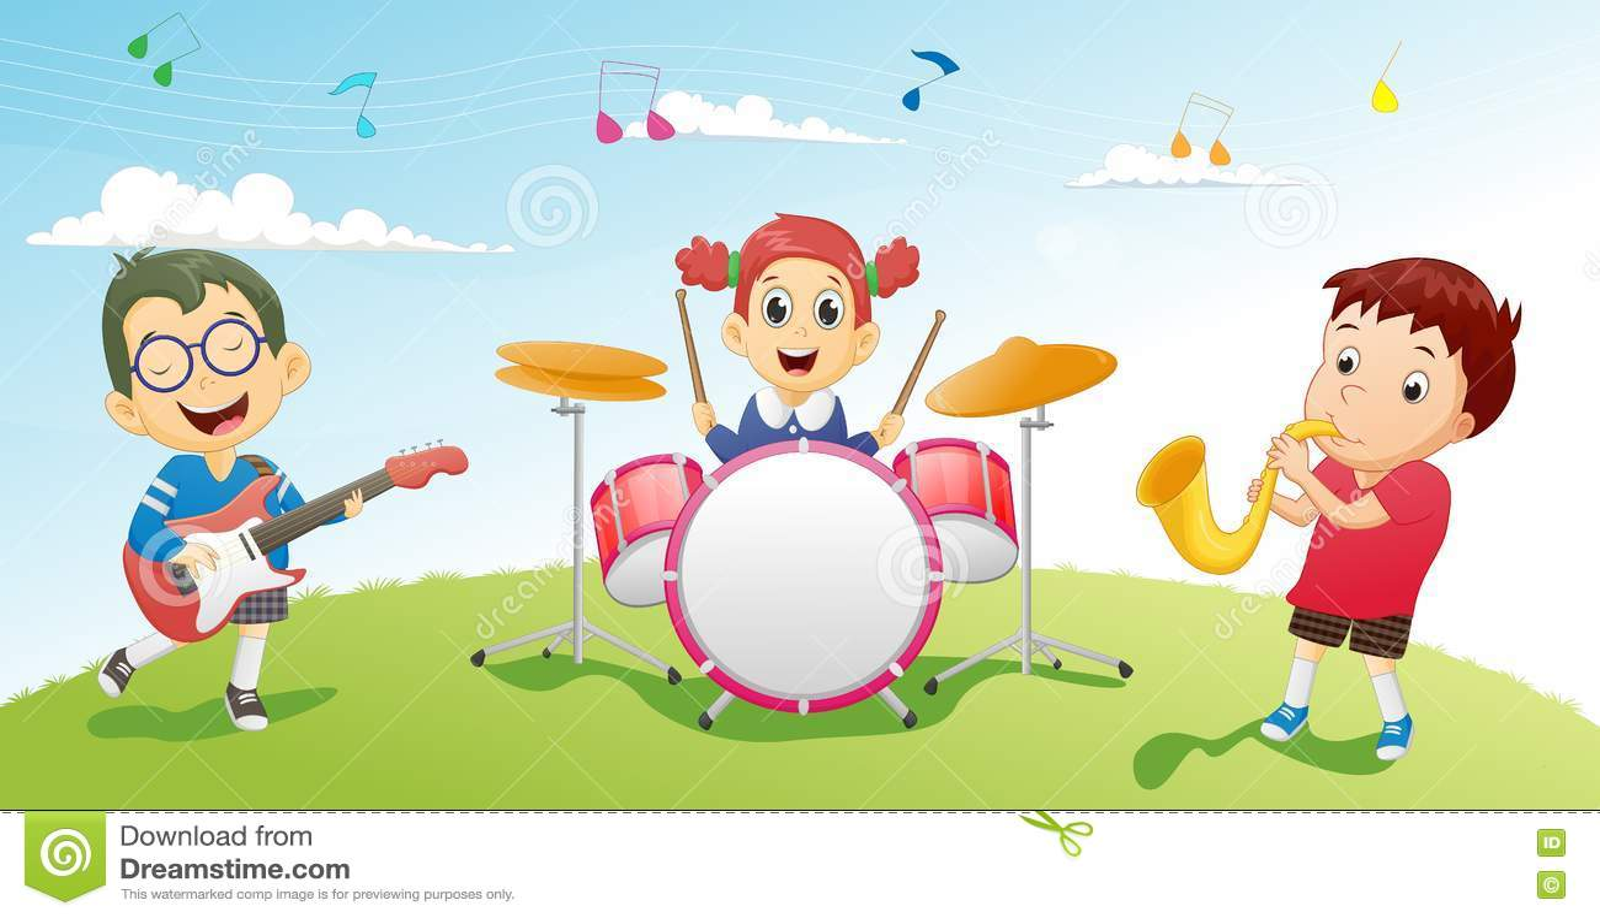 Illustration von den Kindern, die Musikinstrument spielen